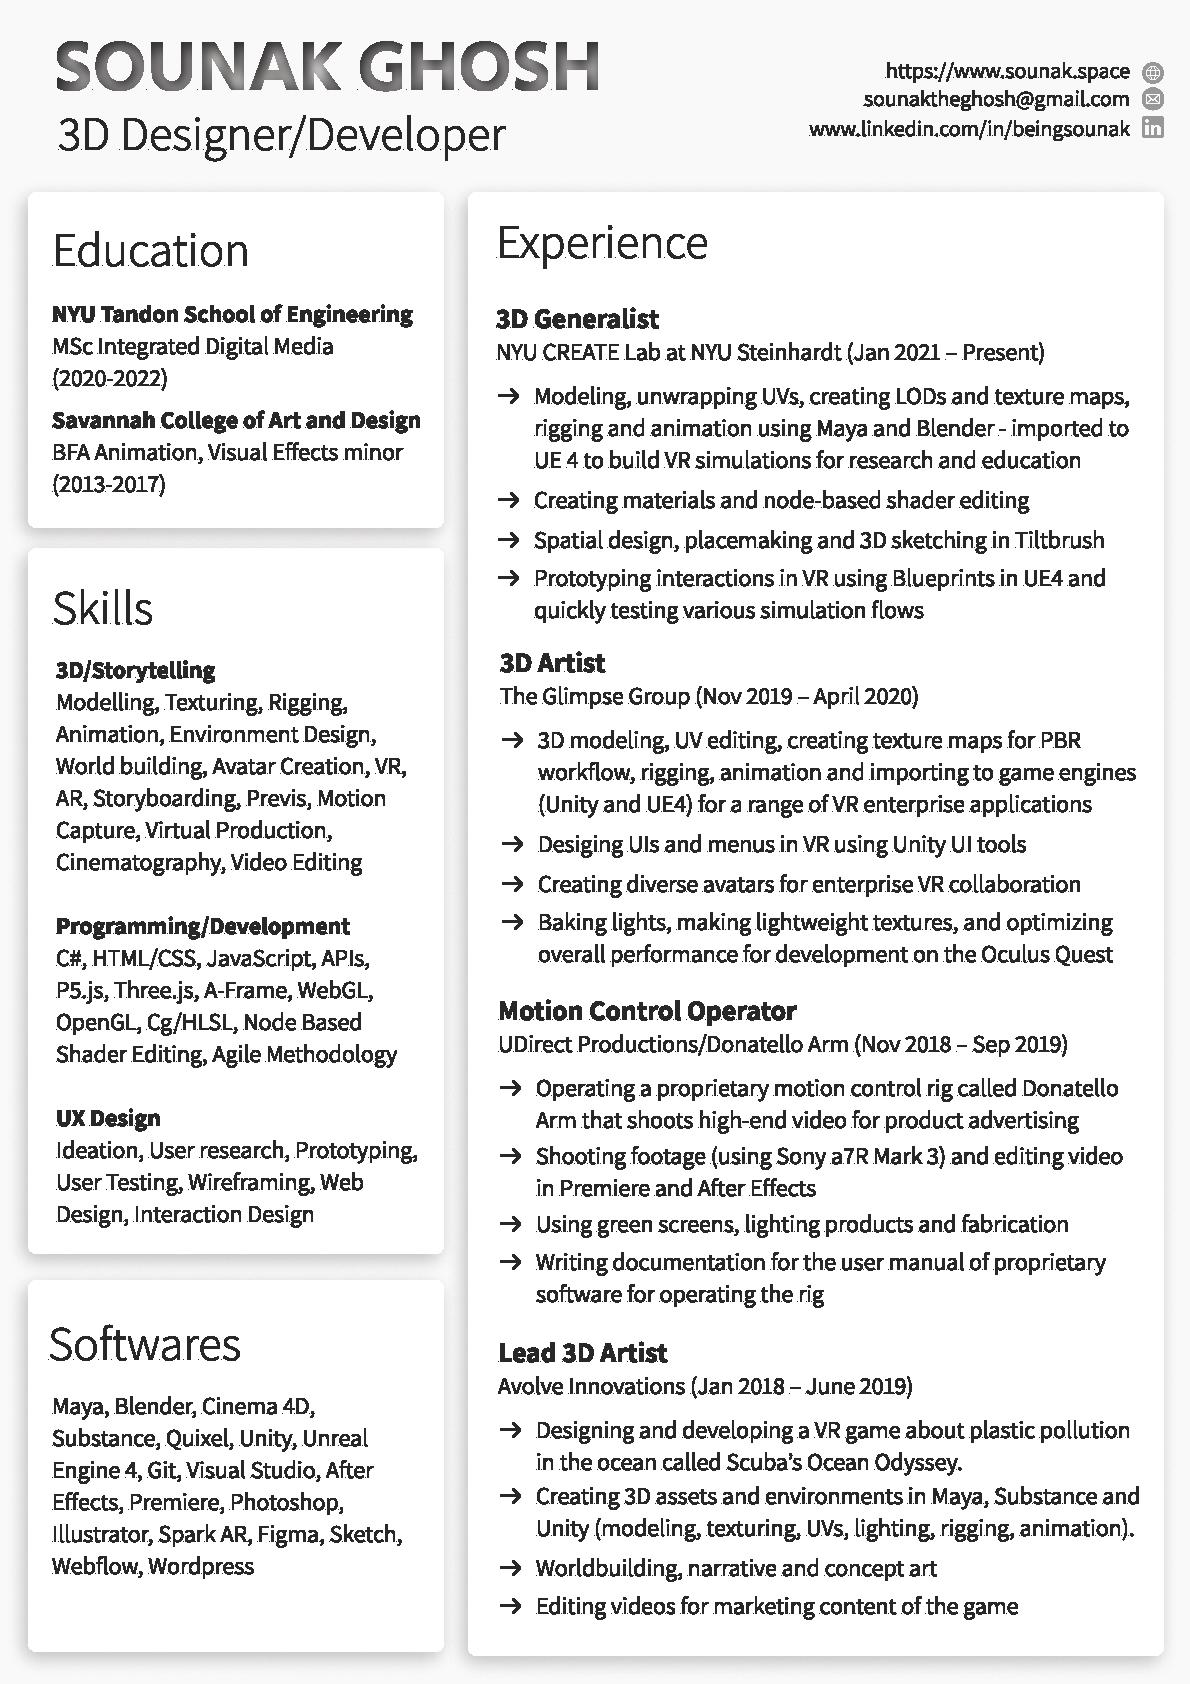 resume of sounak